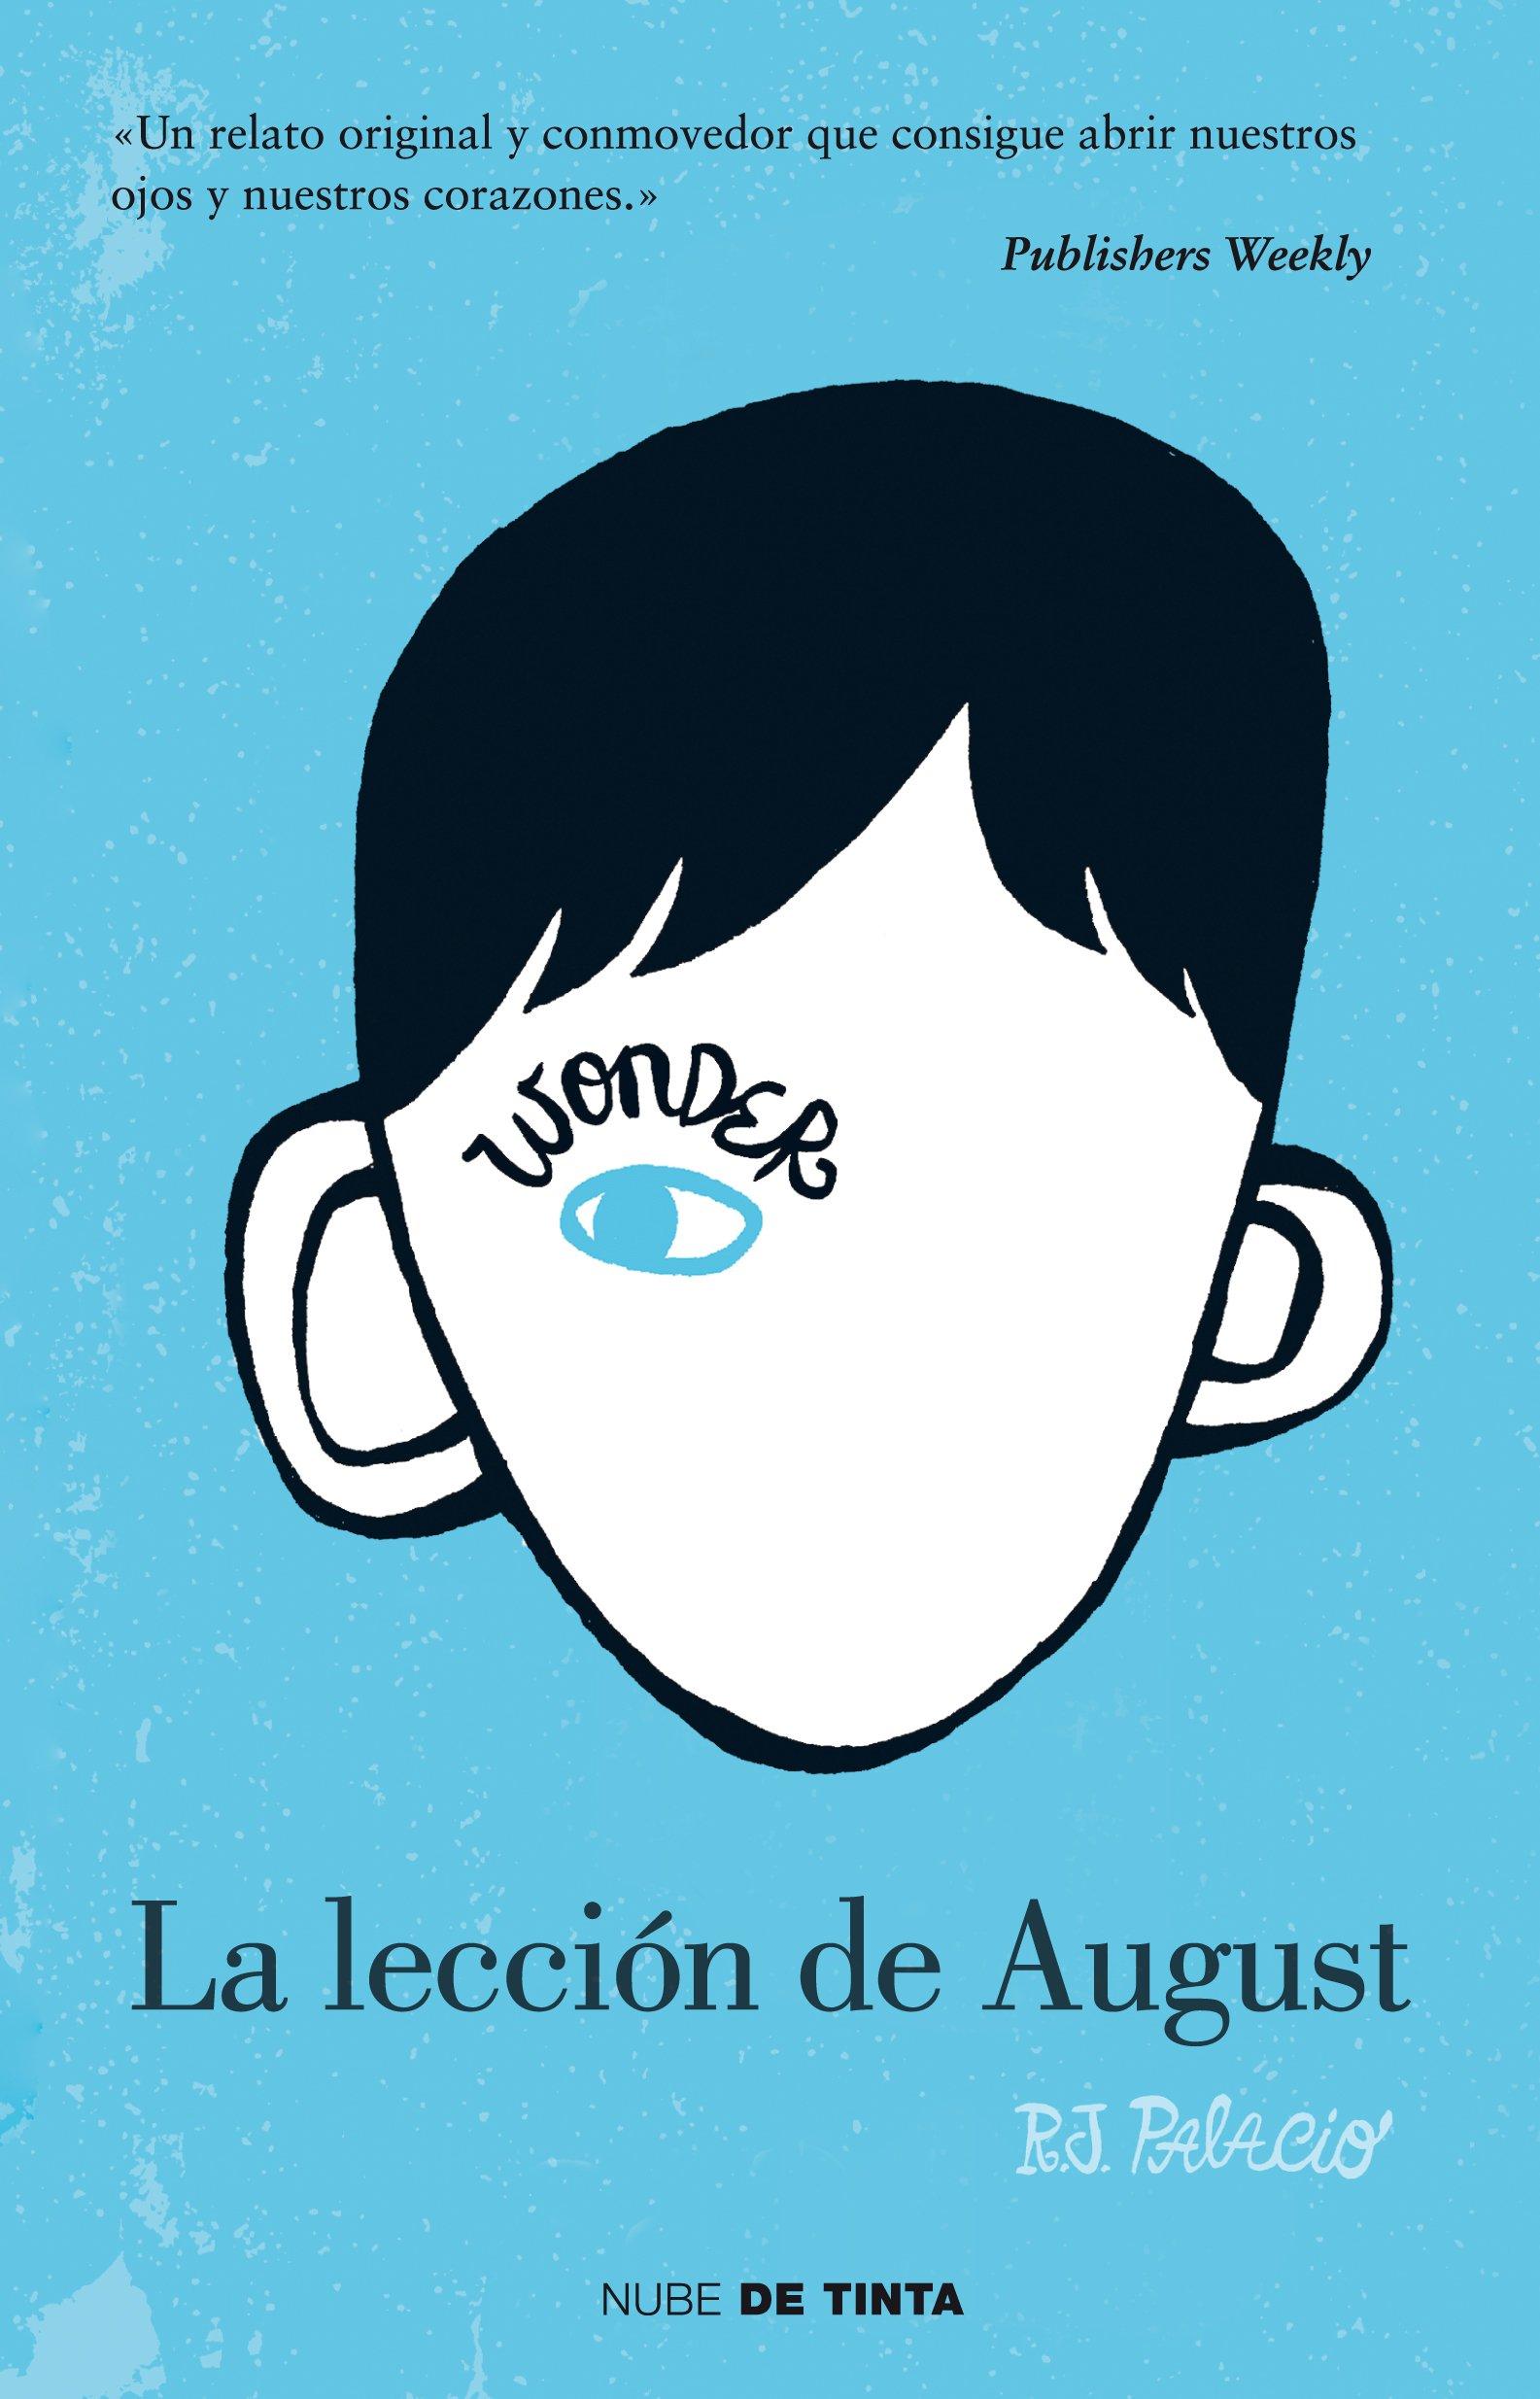 La lección de August / Wonder (Spanish Edition): R. J. Palacio: 9786073114226: Amazon.com: Books